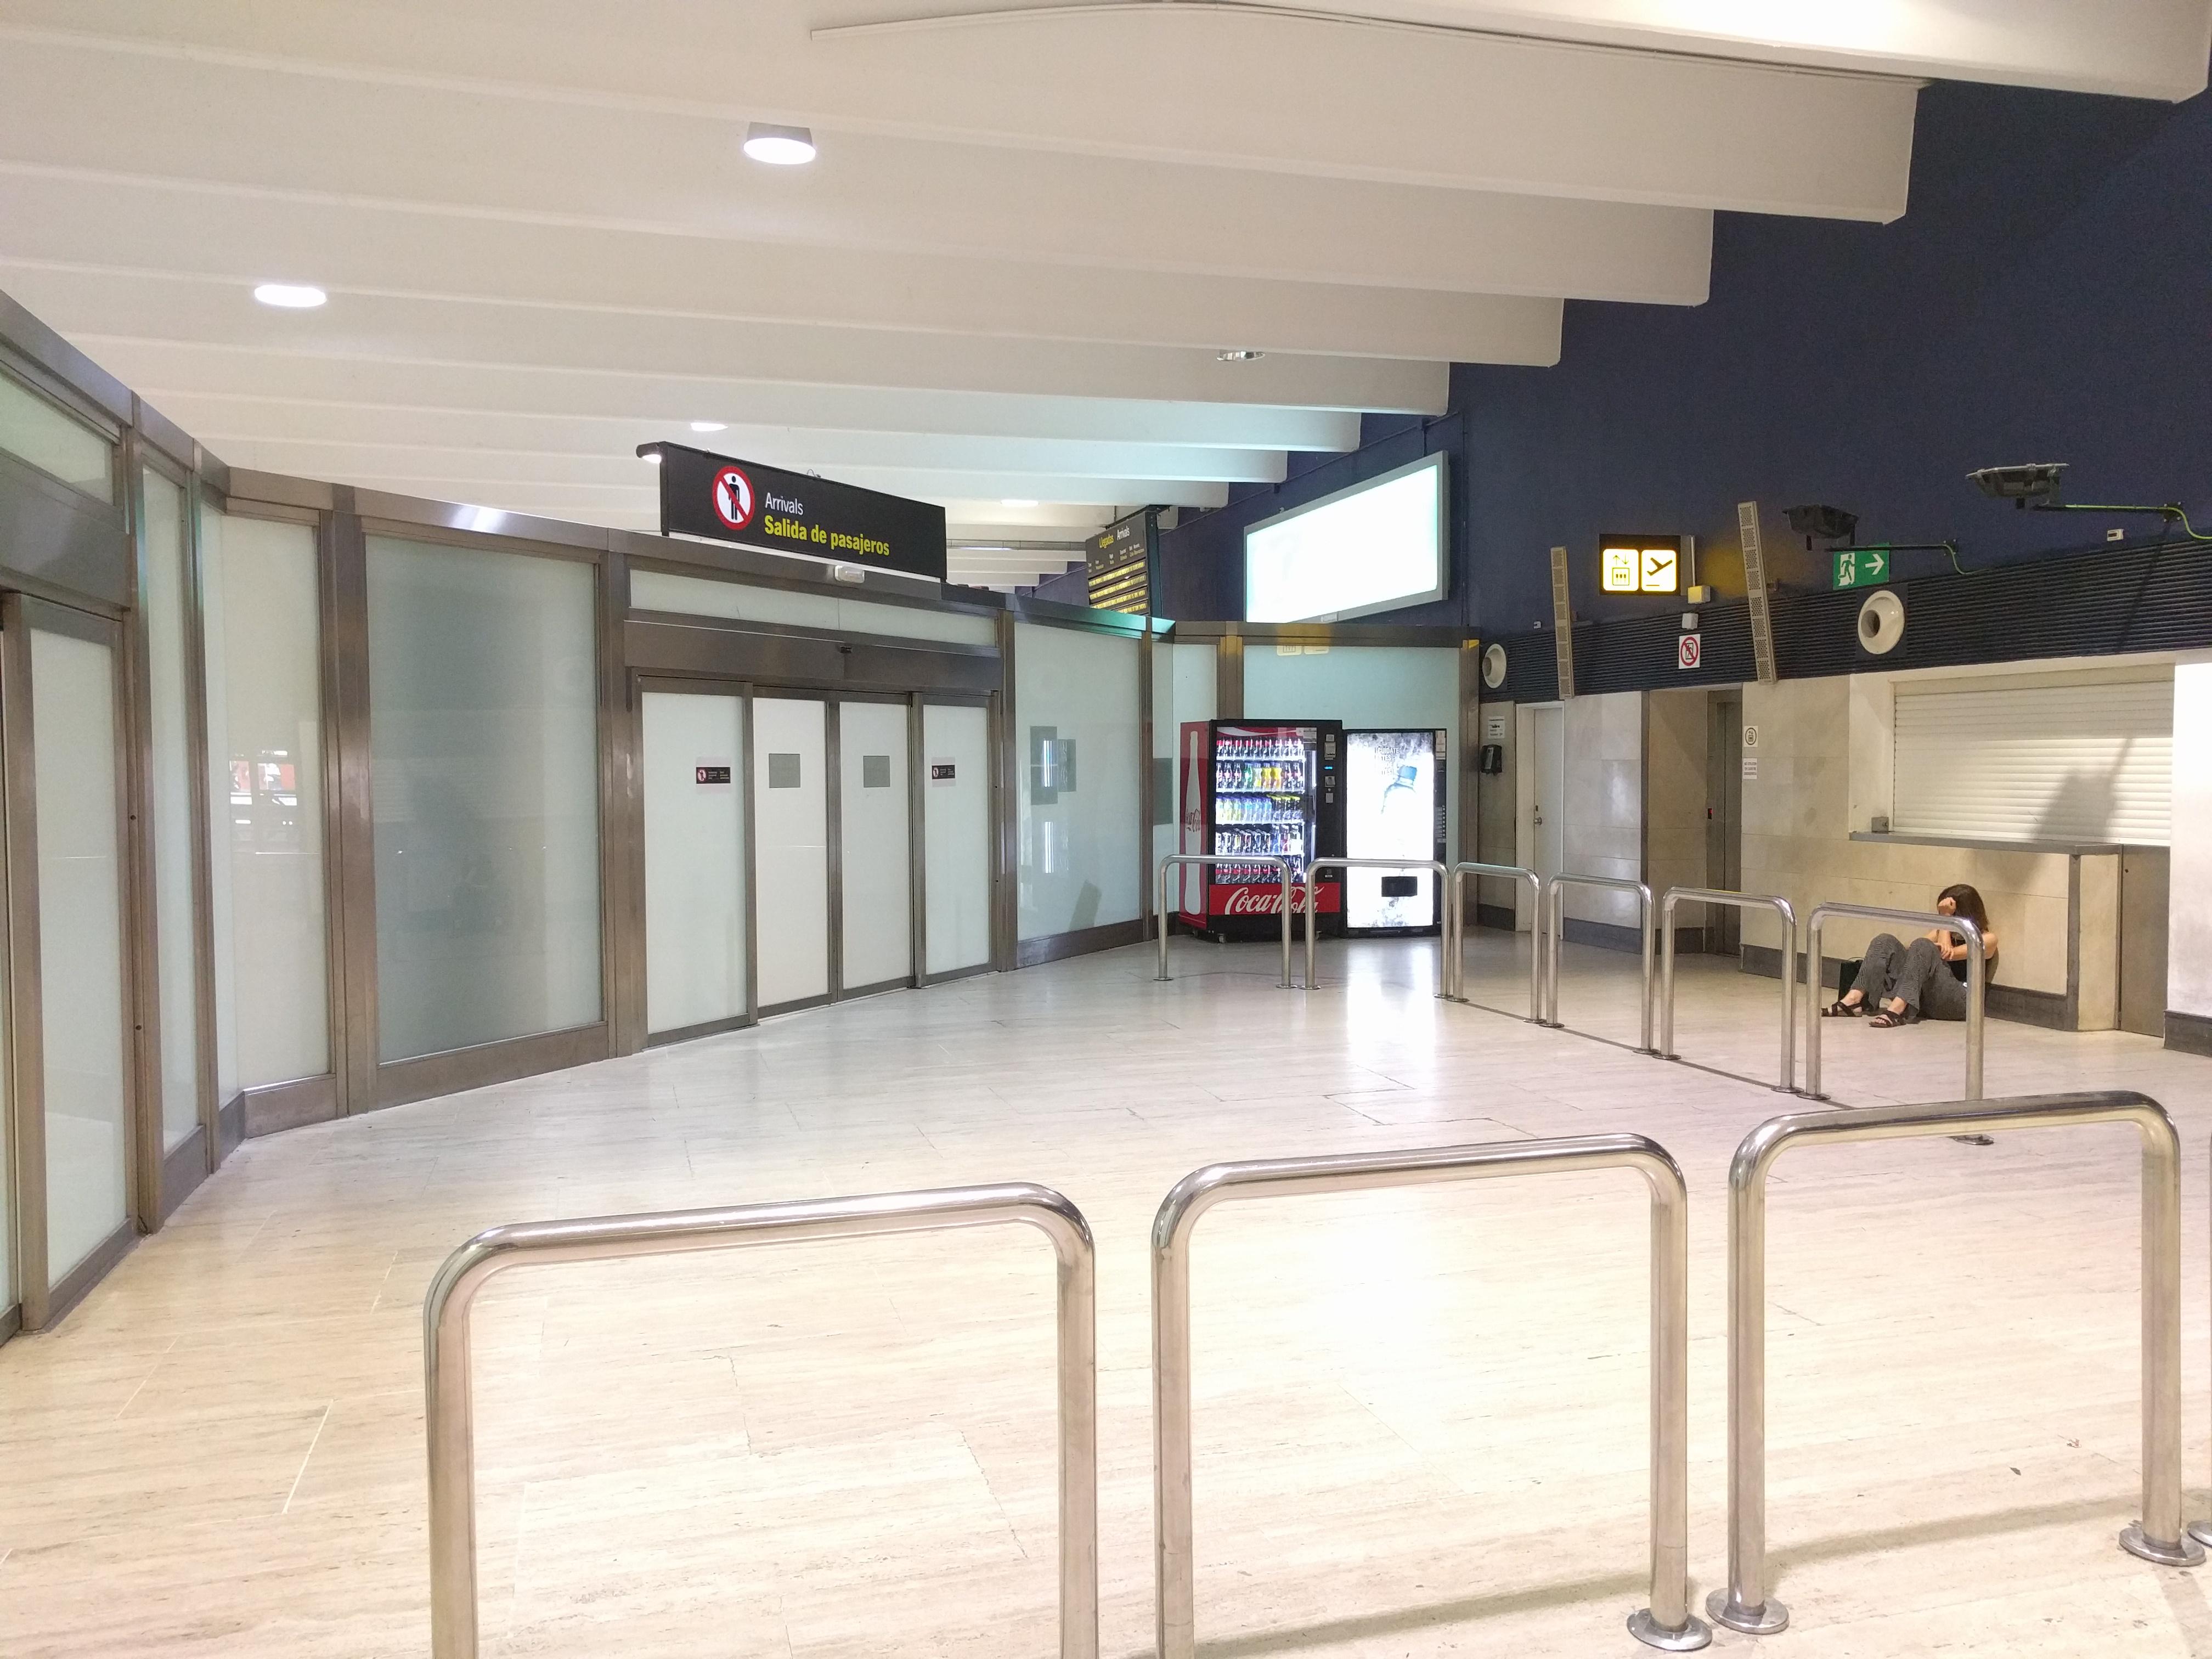 Actual puerta de salida de la zona de llegadas, en un rincón de la terminal